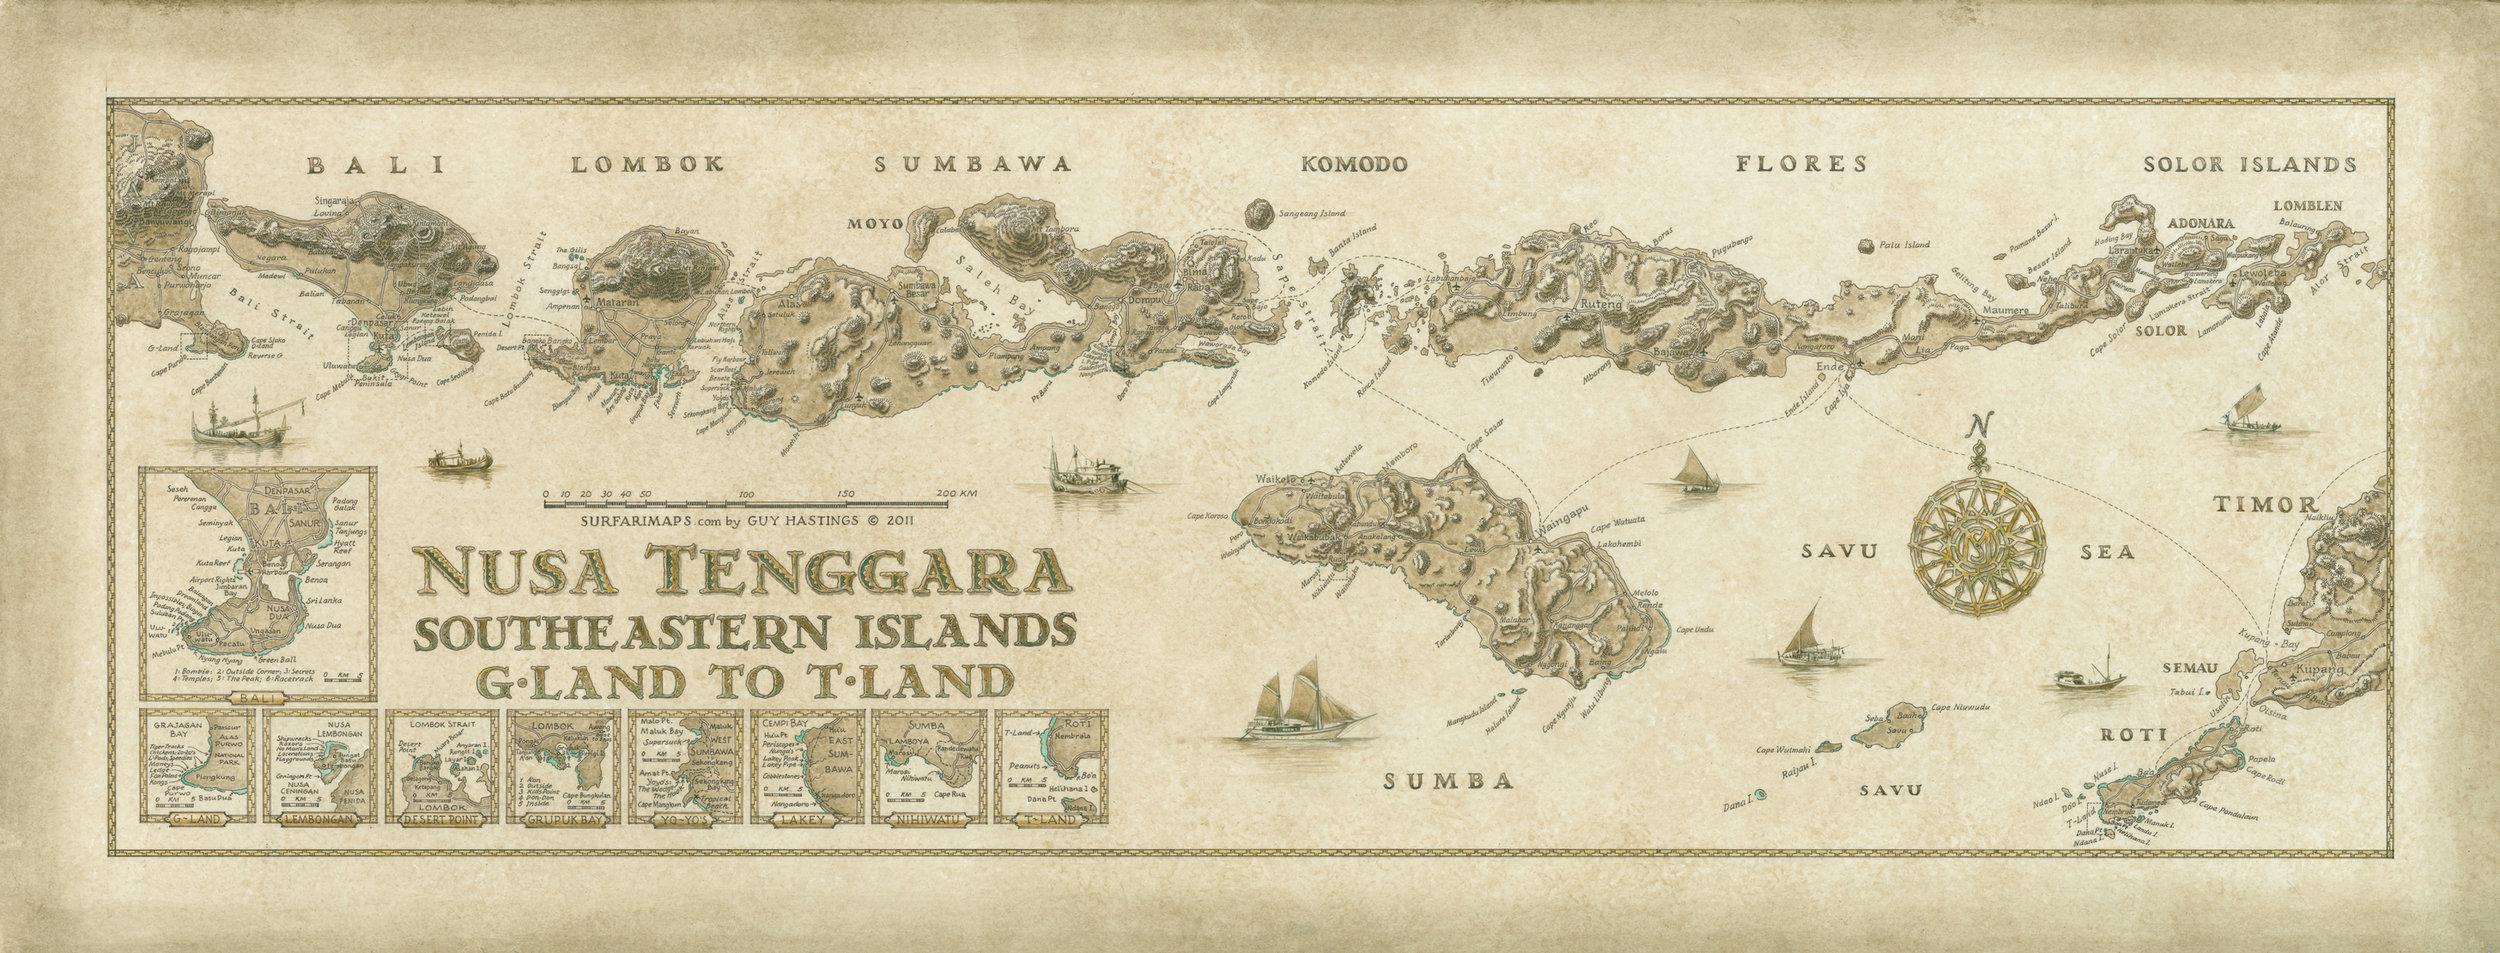 Nusa Tenggara, G Land to T Land Surf Map